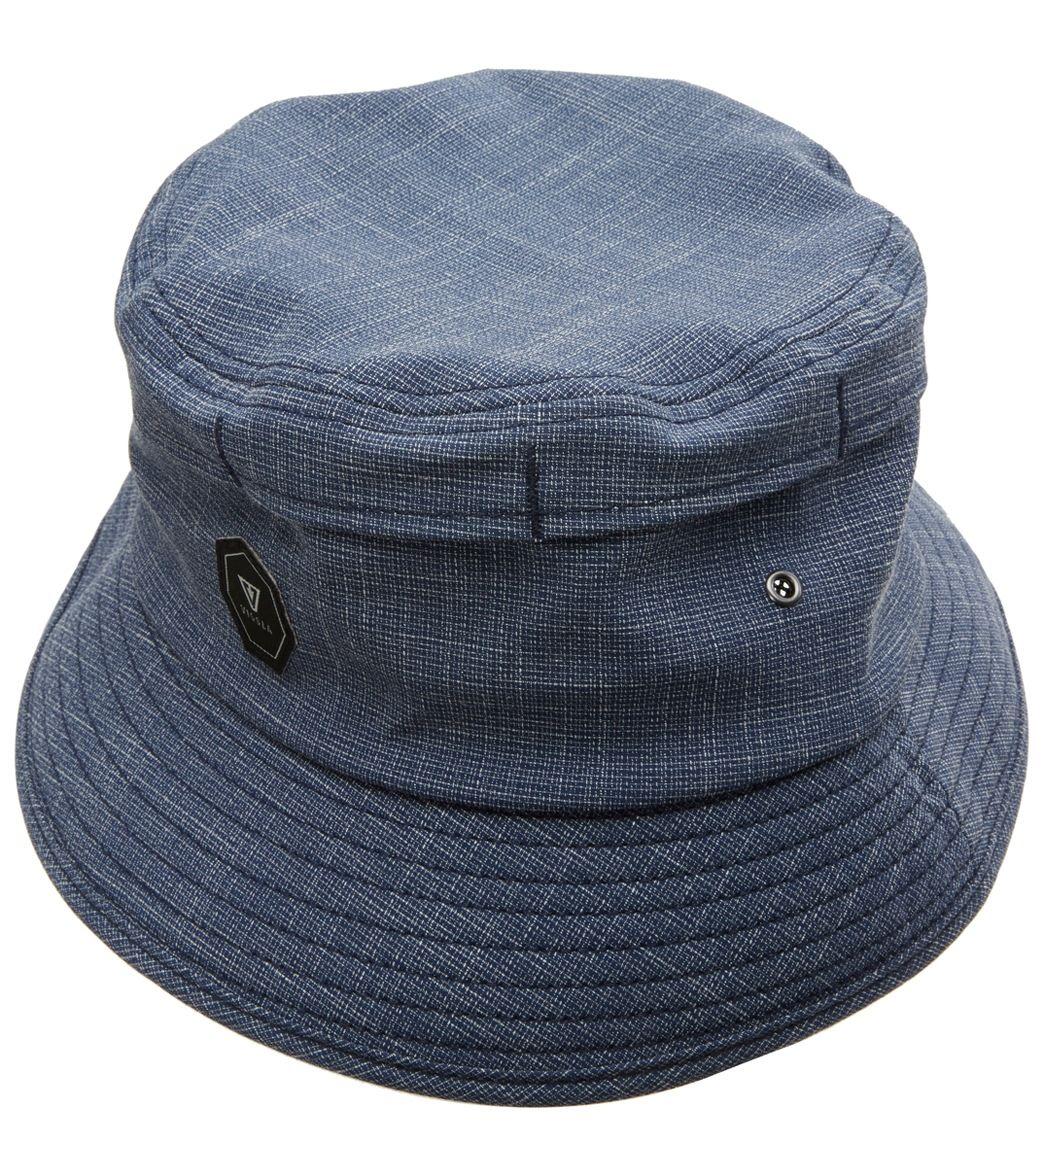 Vissla Men s Little Hatch Surf Boonie Hat at SwimOutlet.com 471802417e9